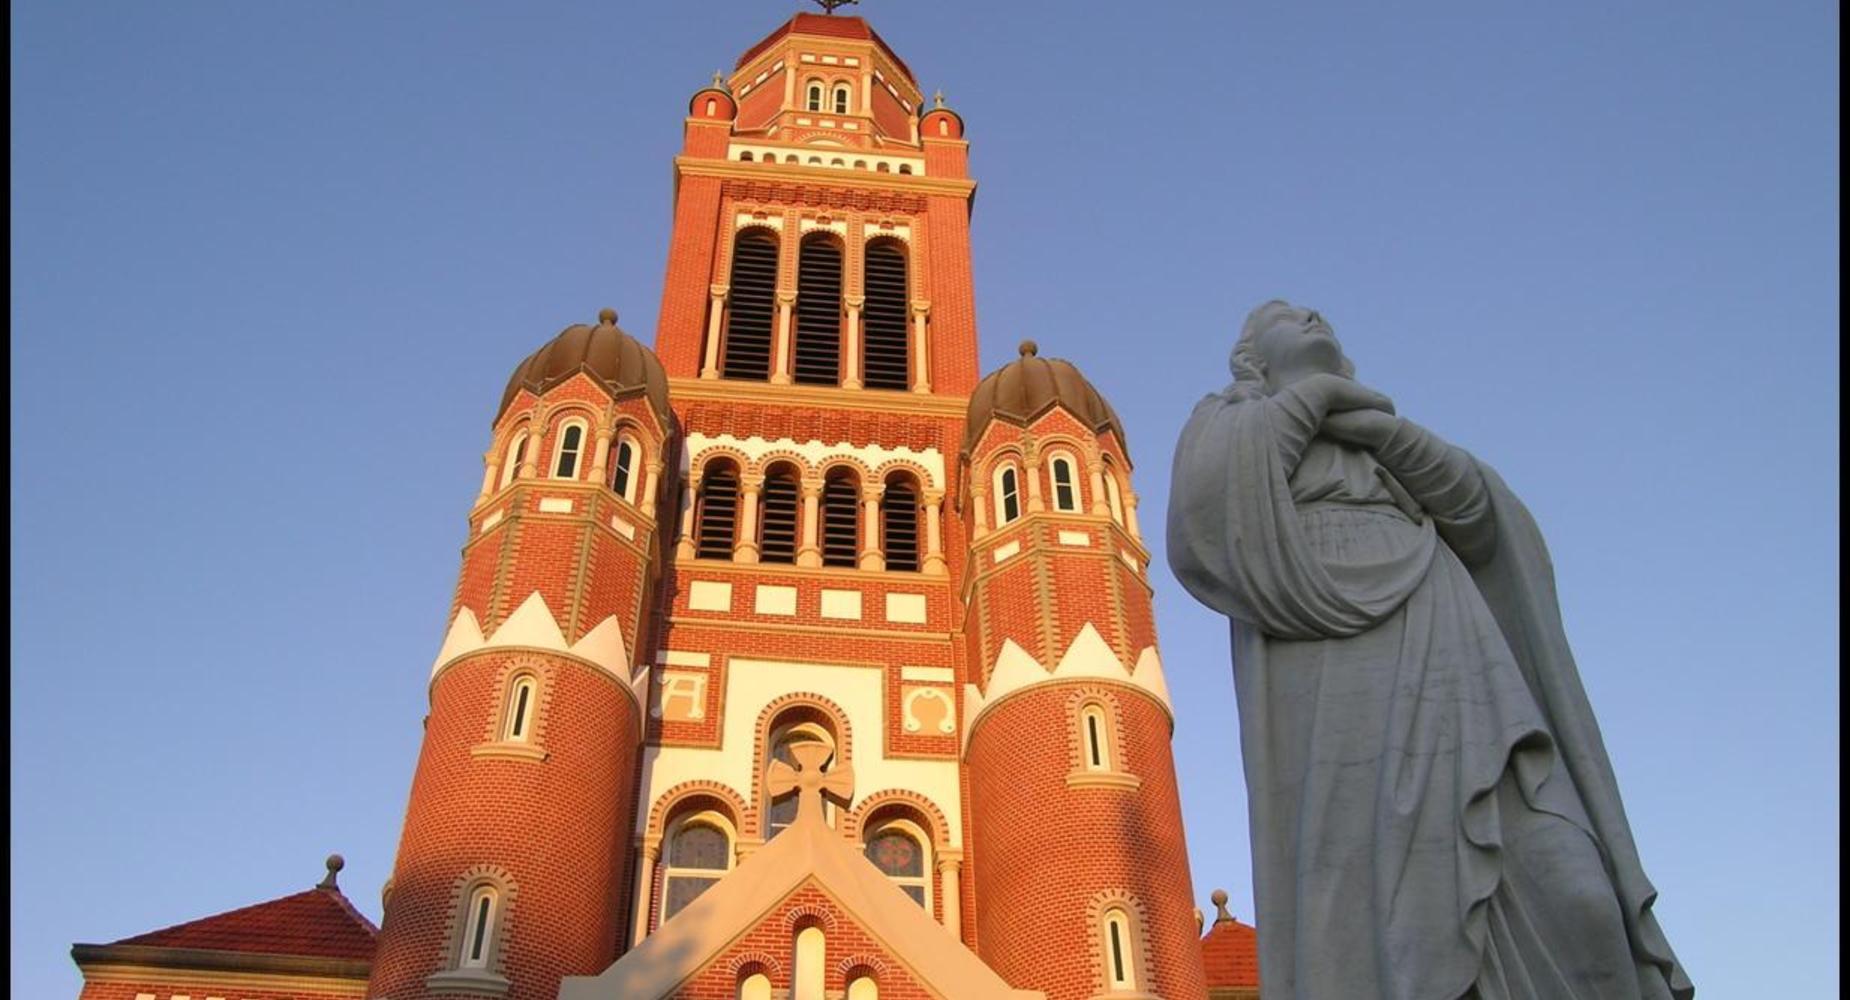 cathedral carmel school